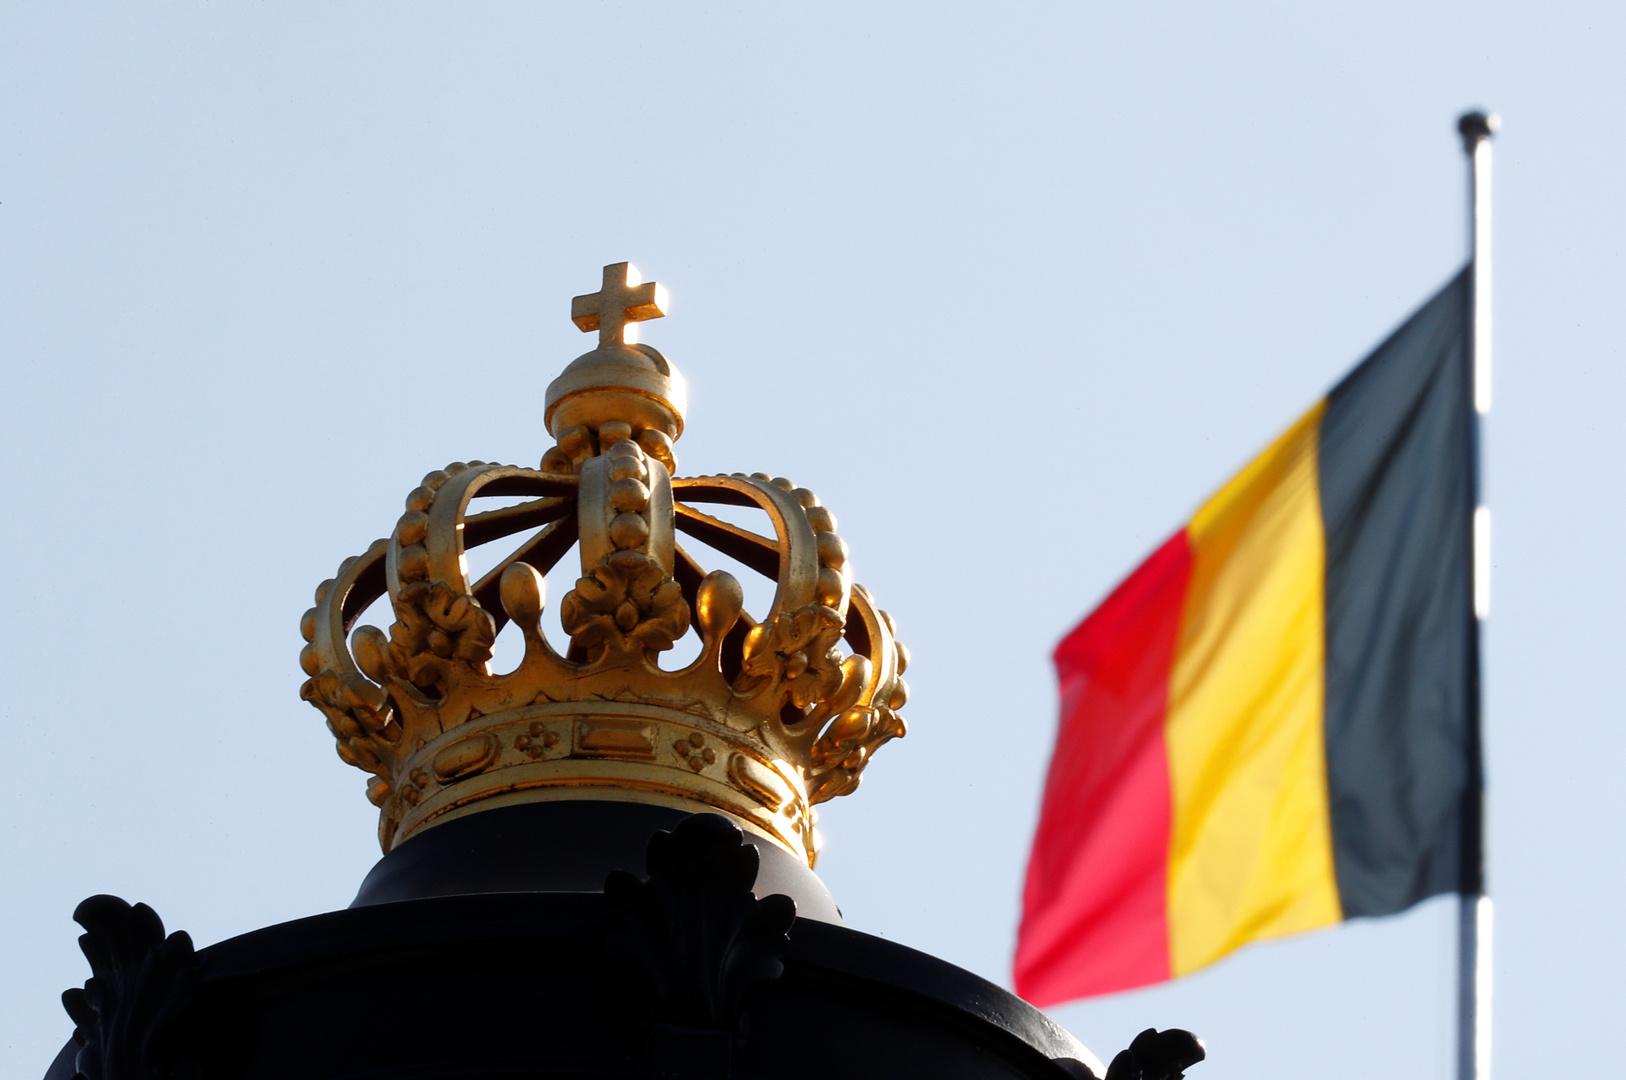 بعد أزمة سياسية دامت 21 شهرا.. الحكومة الجديدة ترى النور في بلجيكا